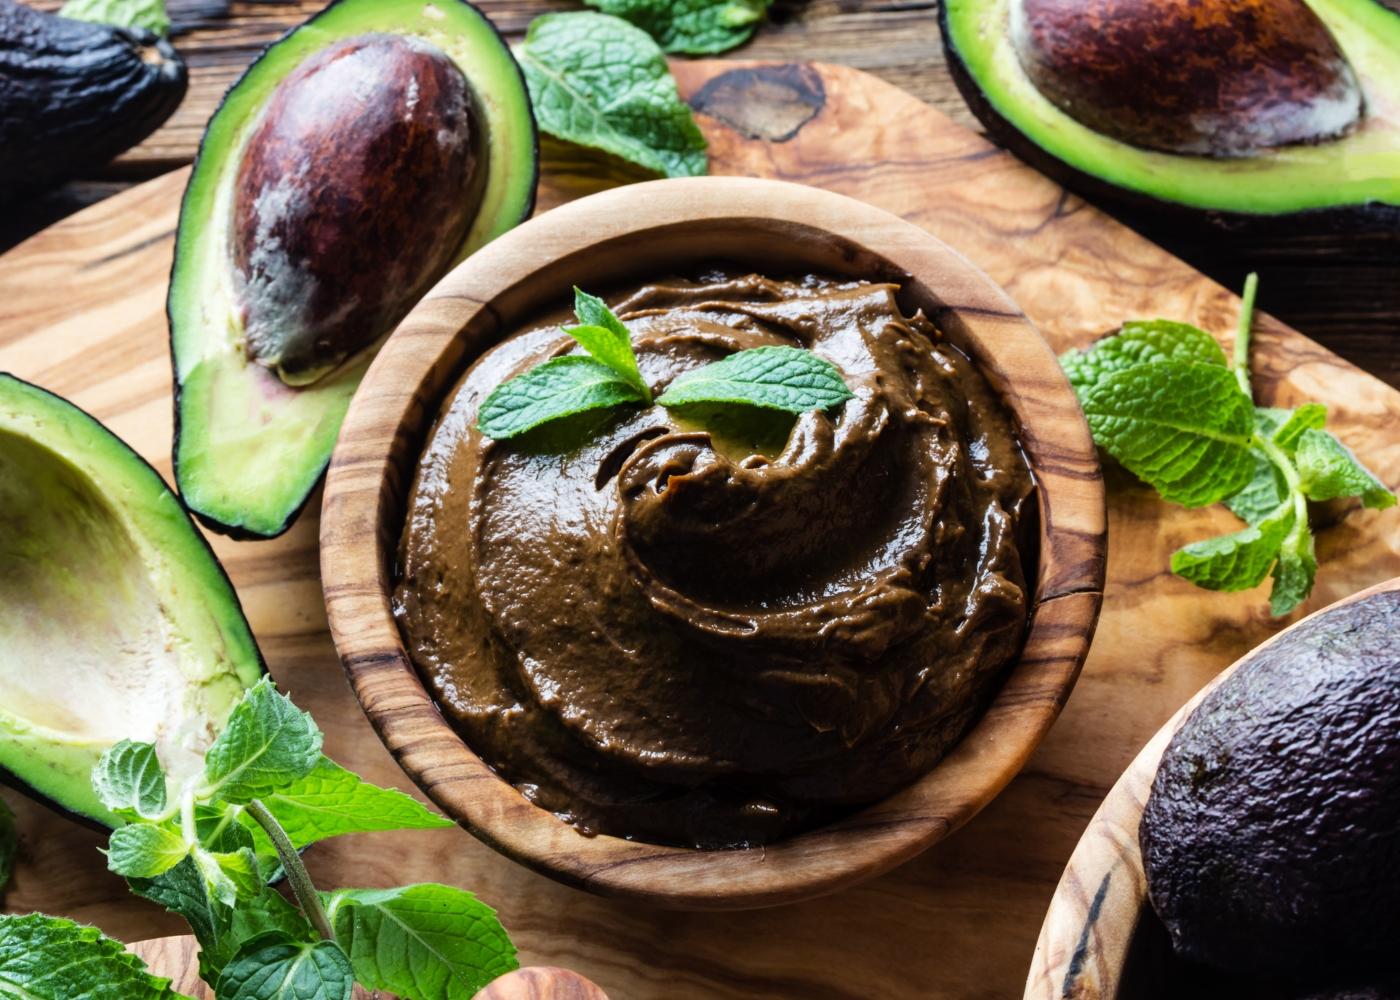 Cobertura de mousse de chocolate com abacate